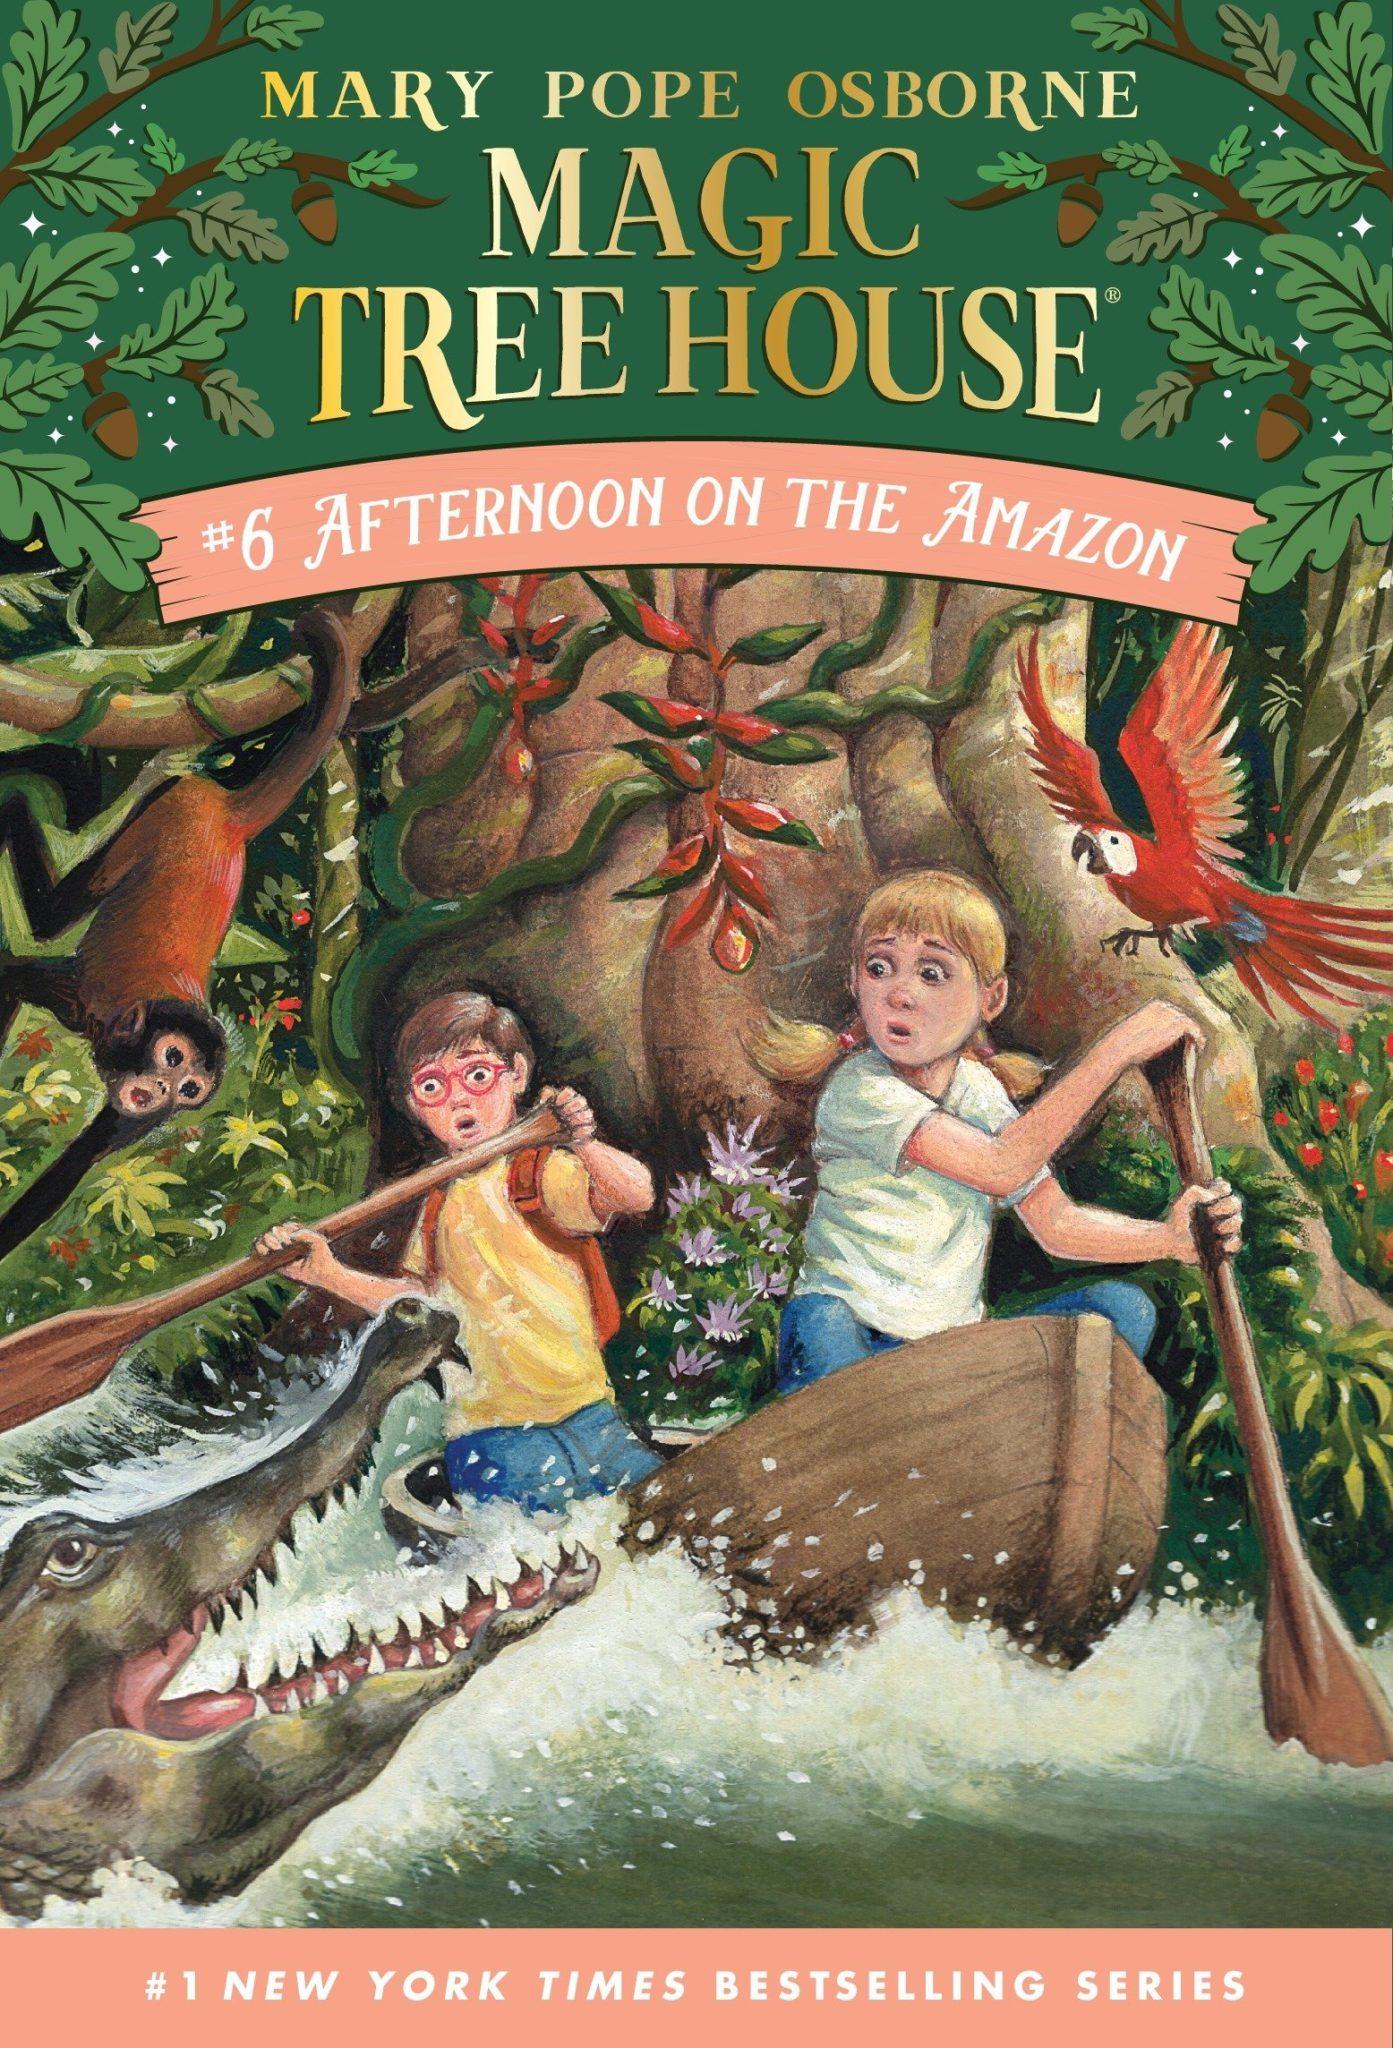 Magic Tree House books 6